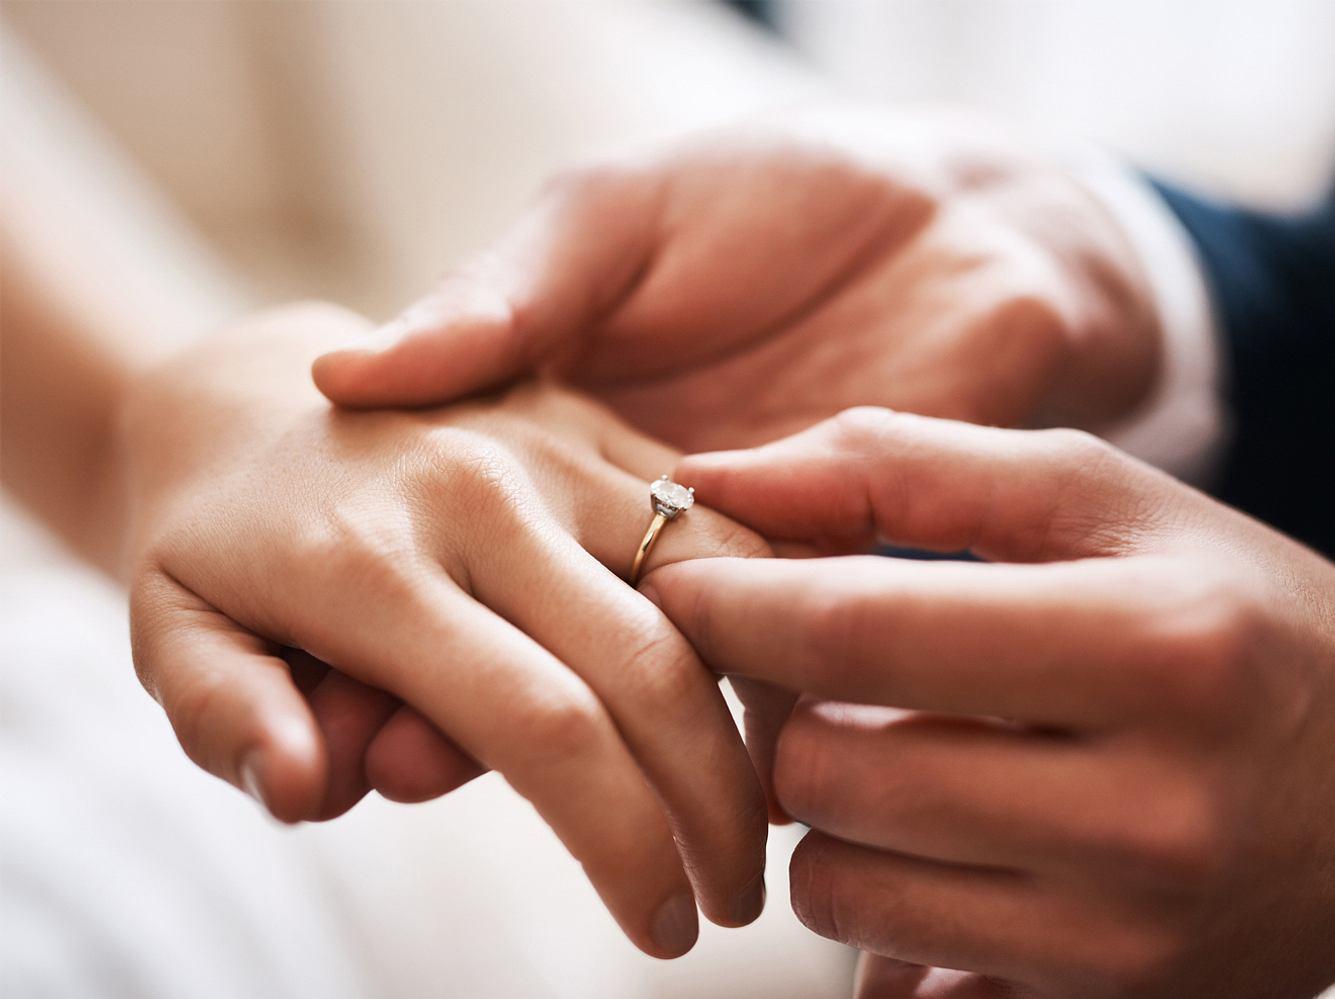 Die besten Beispiele und Inspirationen für dein Eheversprechen findest du hier!